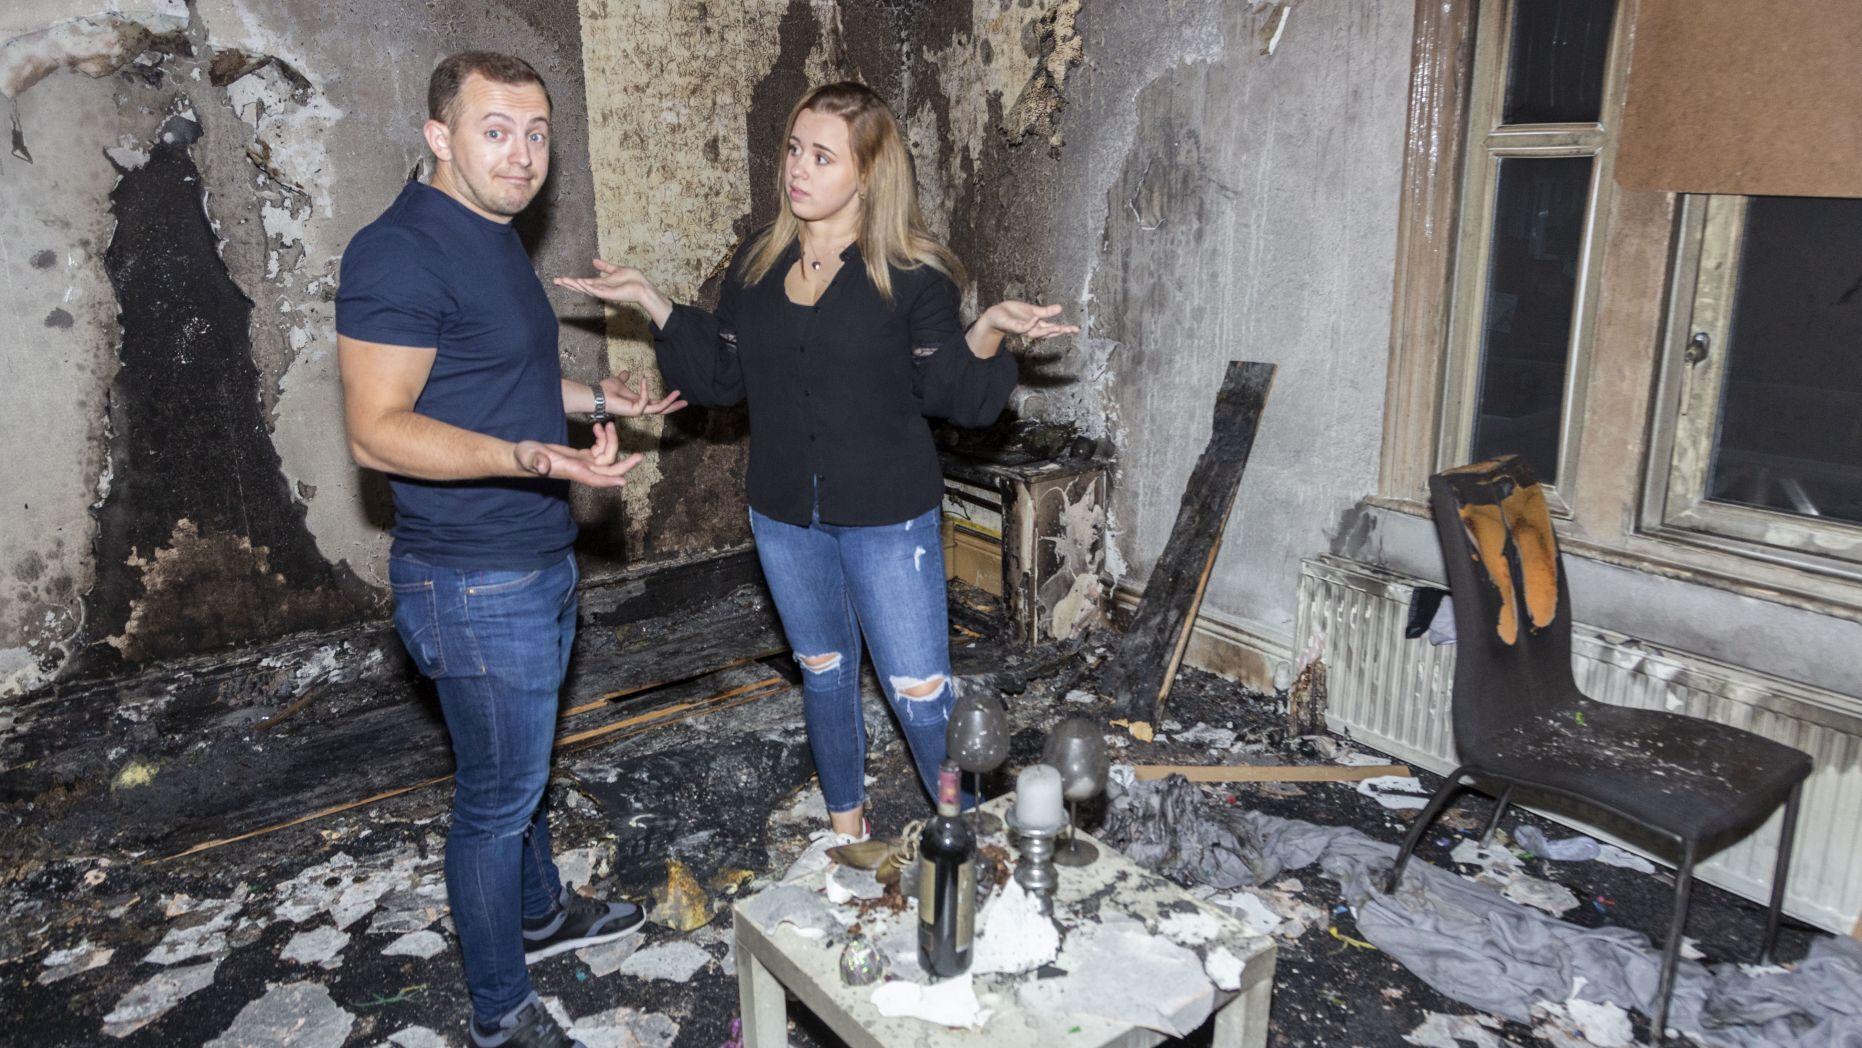 英国男子点数十支蜡烛求婚 却意外烧毁公寓